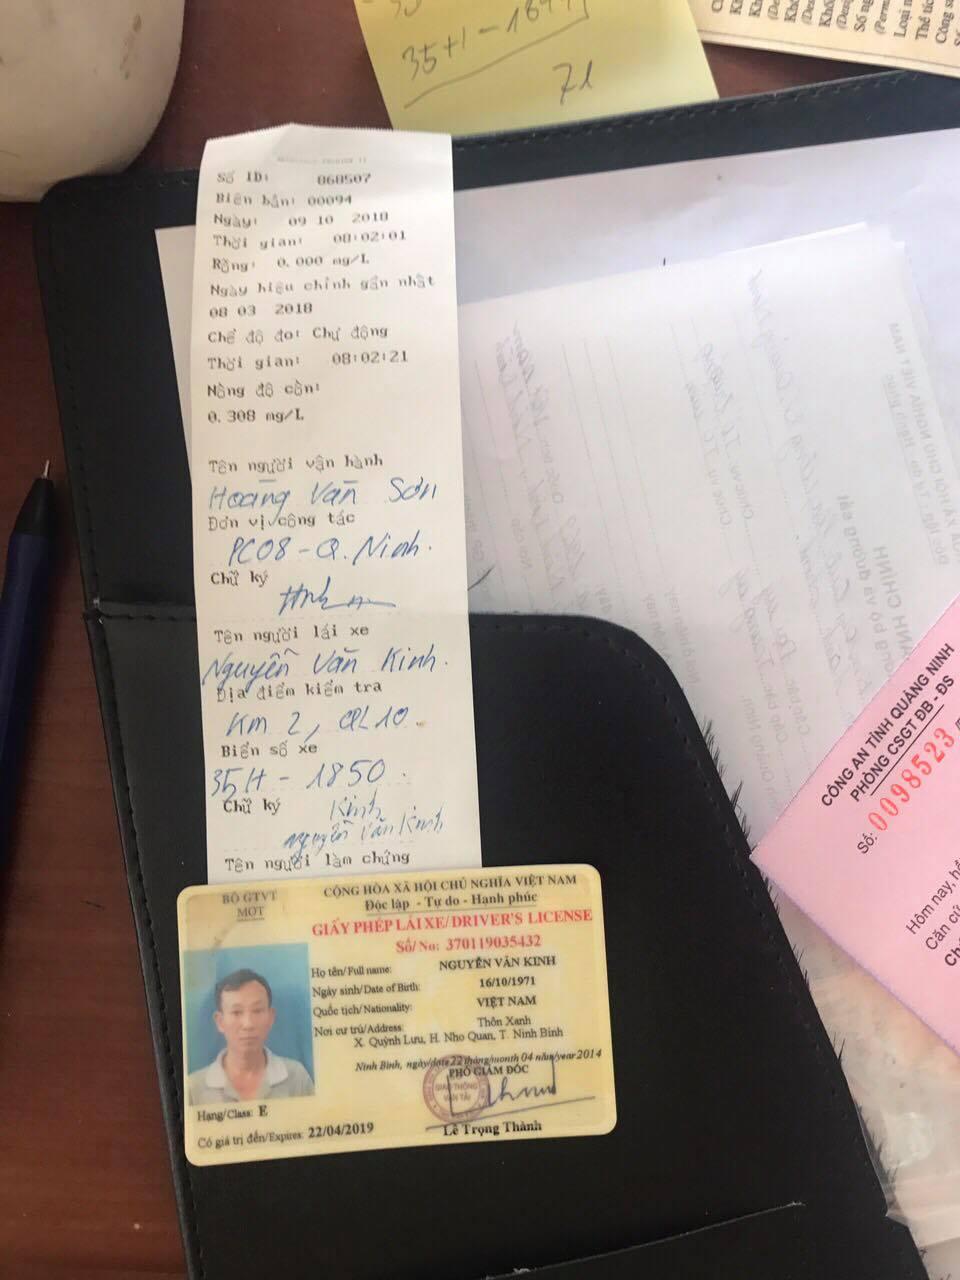 Giấy phép của một trong những lái xe vi pham